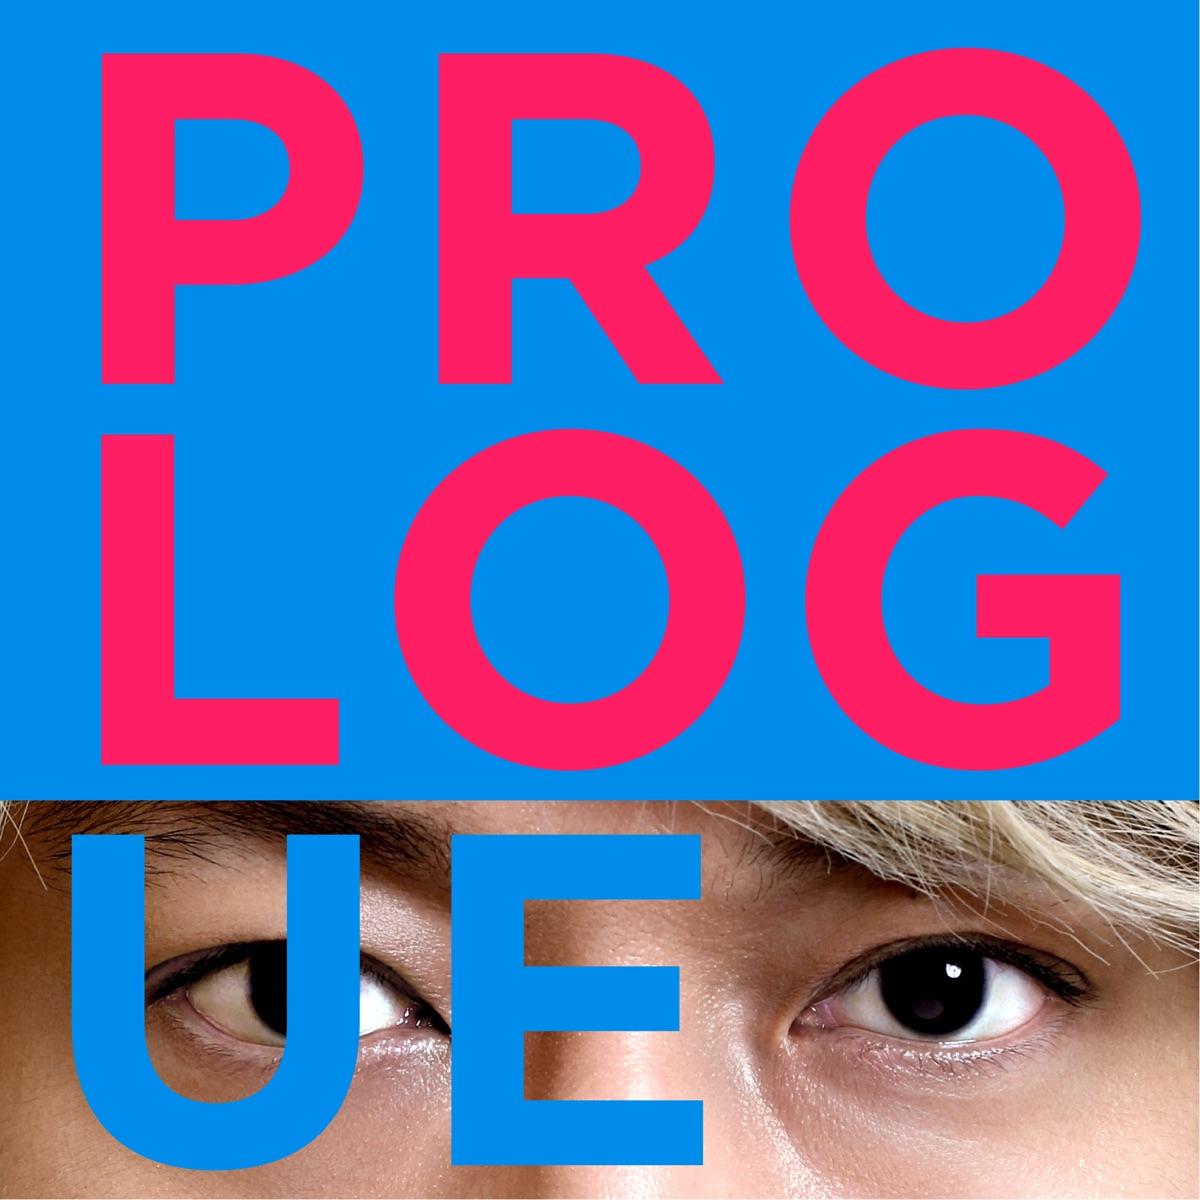 『香取慎吾 - Prologue (feat. TeddyLoid & たなか)』収録の『Prologue (feat. TeddyLoid & たなか)』ジャケット